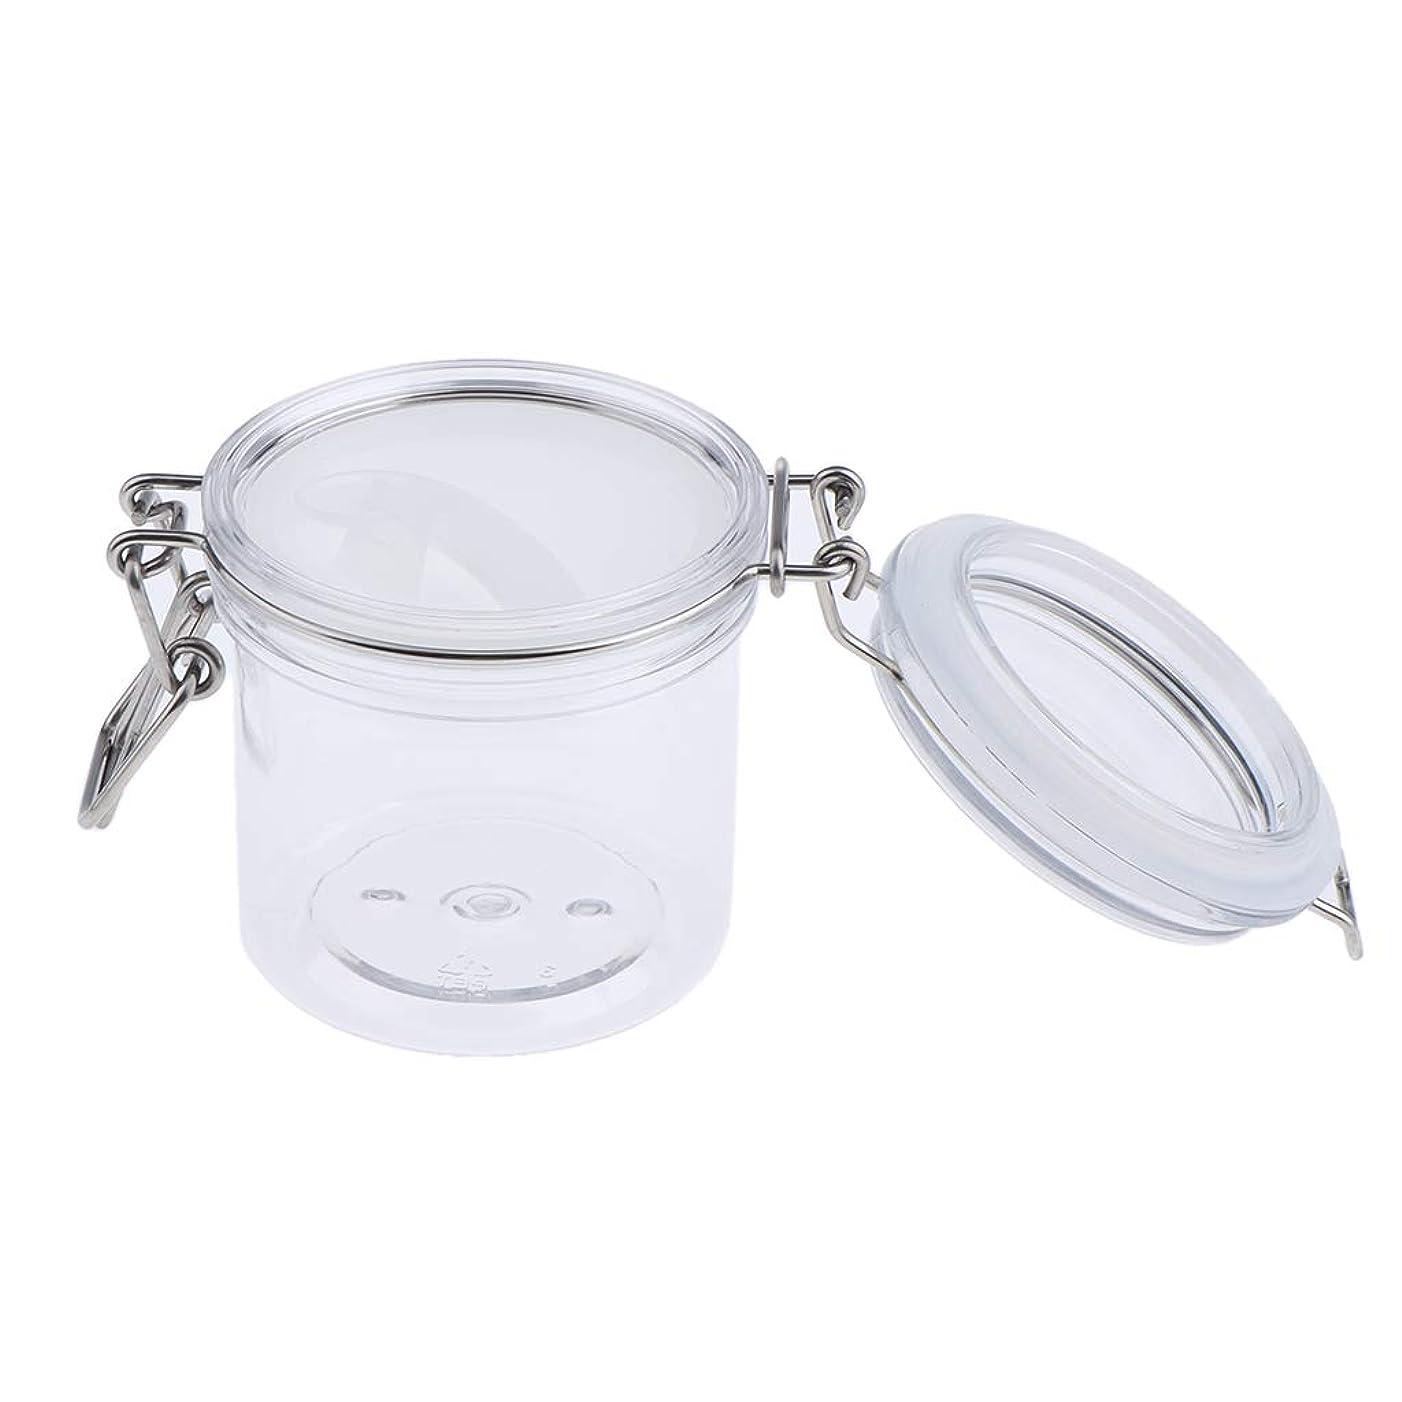 豚くぼみフォーマルP Prettyia 化粧品容器 マスクジャー スプーン付き 耐久性 詰め替え 3サイズ選べ - 200g